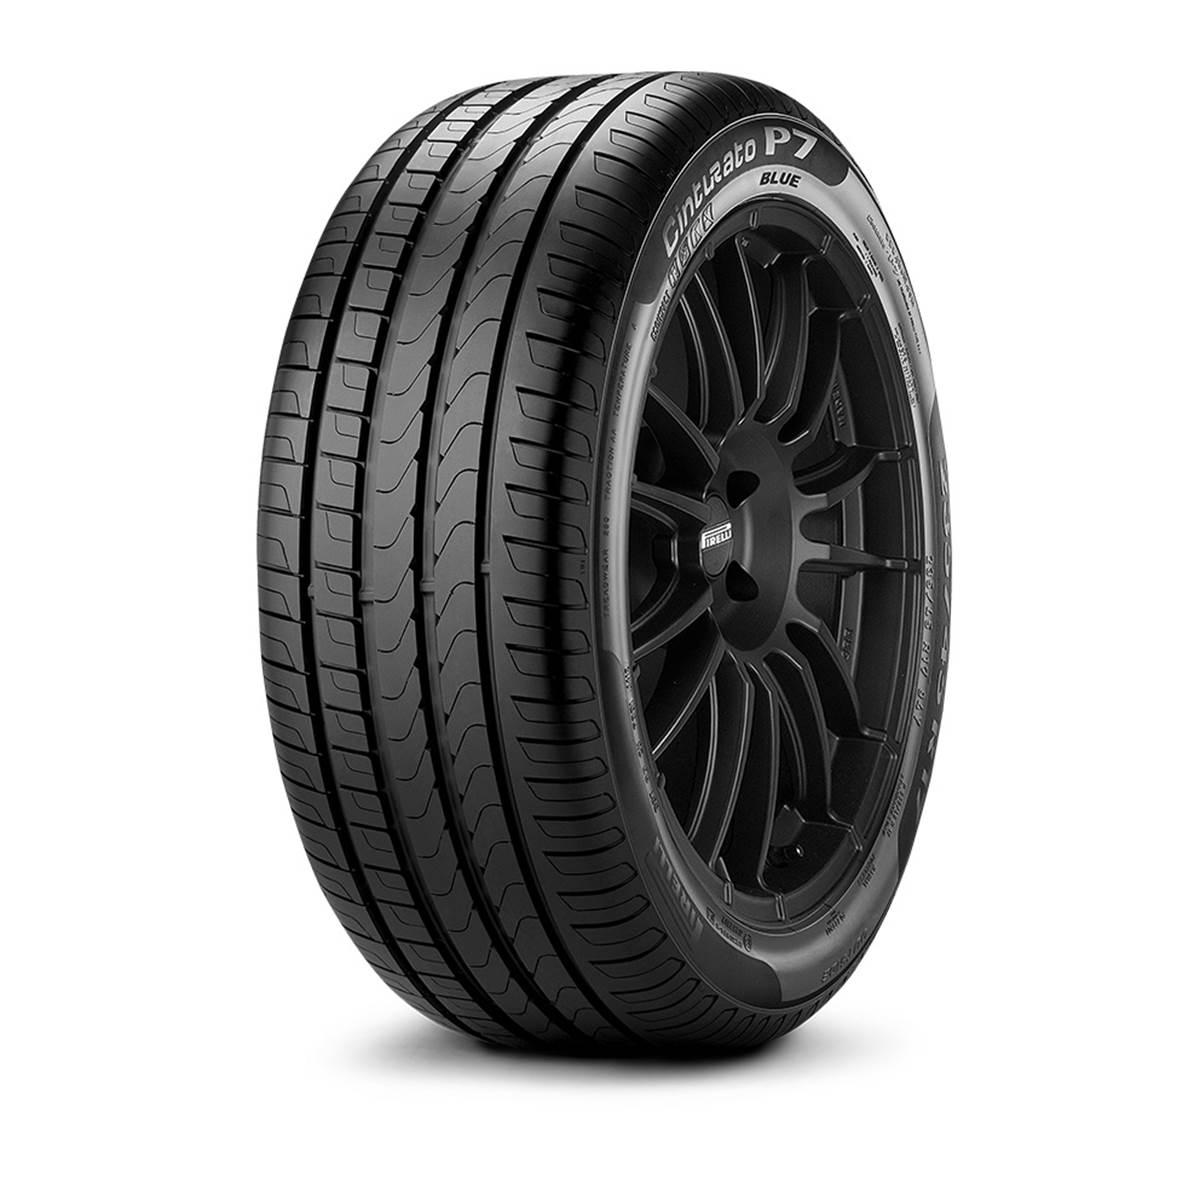 Pneu Pirelli 205/55R16 91V Cinturato P7 Blue